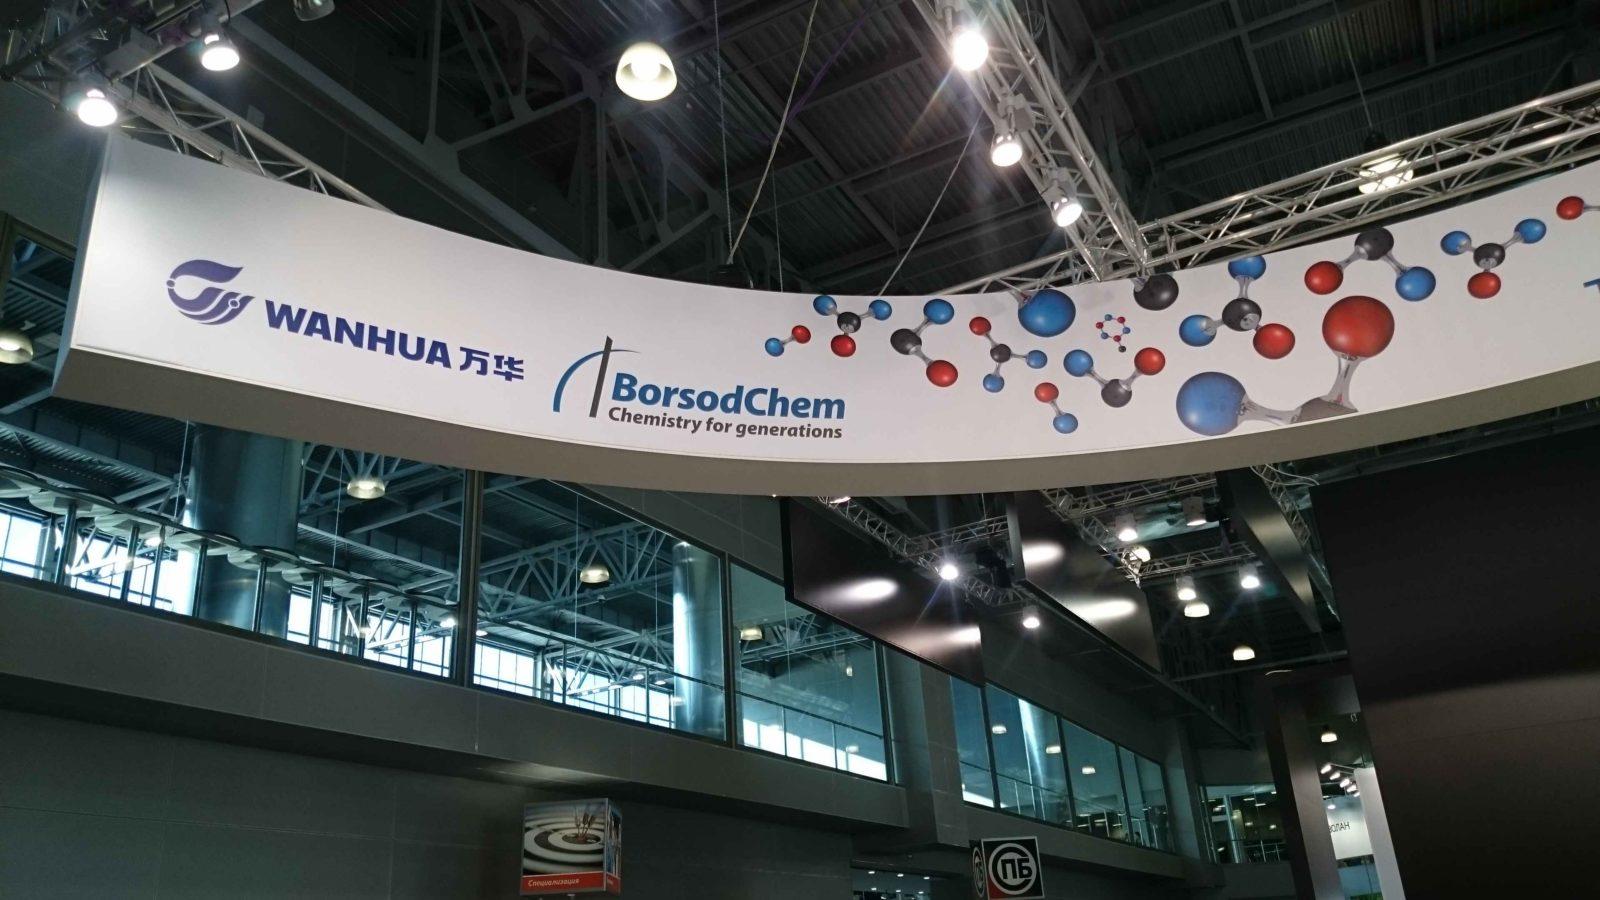 Wanhua Chemical Group Co., Ltd. Китай) на выставке ПОЛИУРЕТАНЭКС 2016